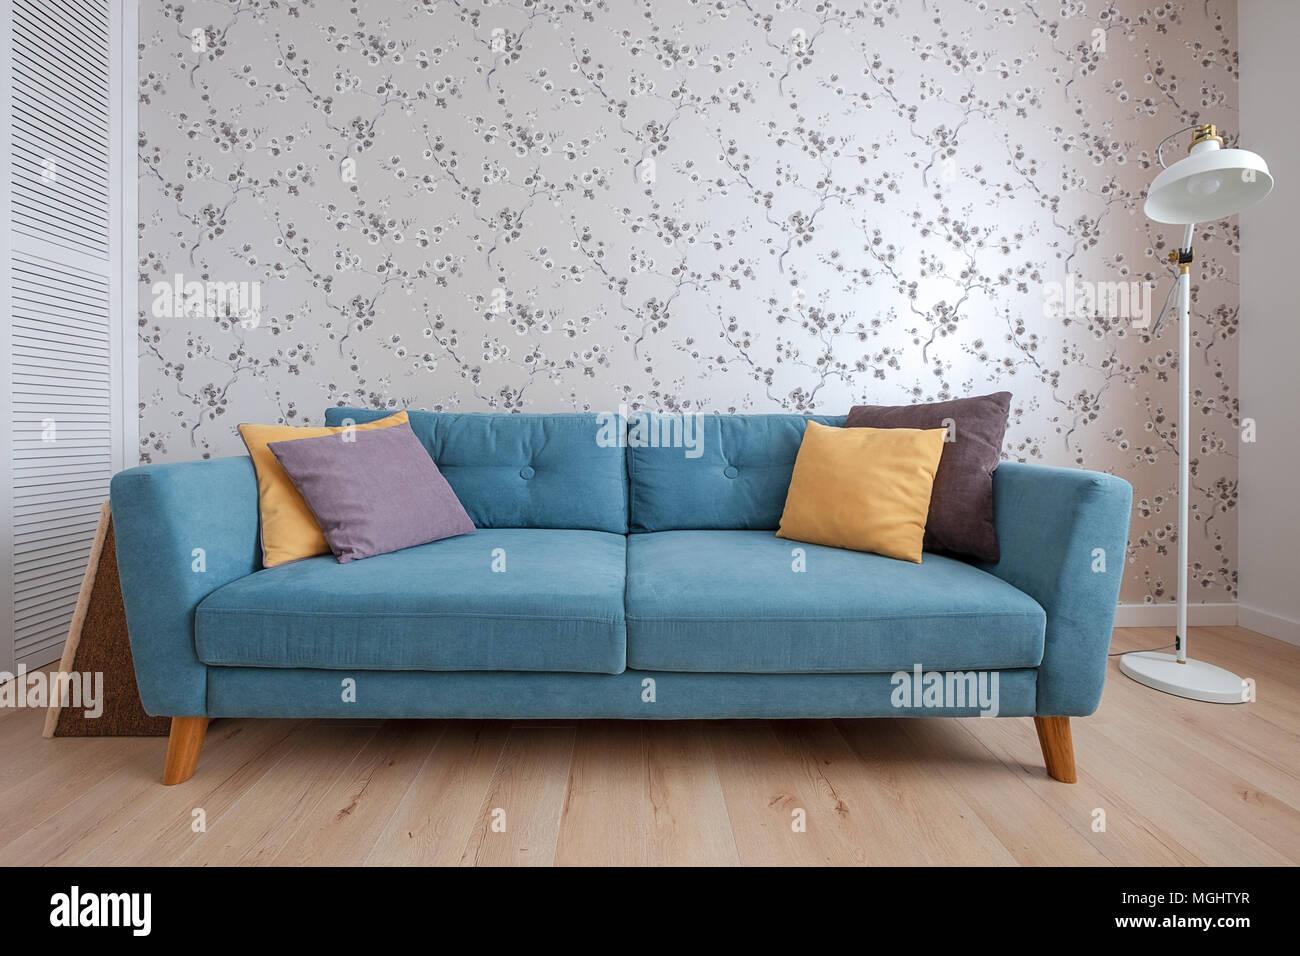 Gemütliches Sofa mit Kissen im Wohnzimmer Stockfoto, Bild ...